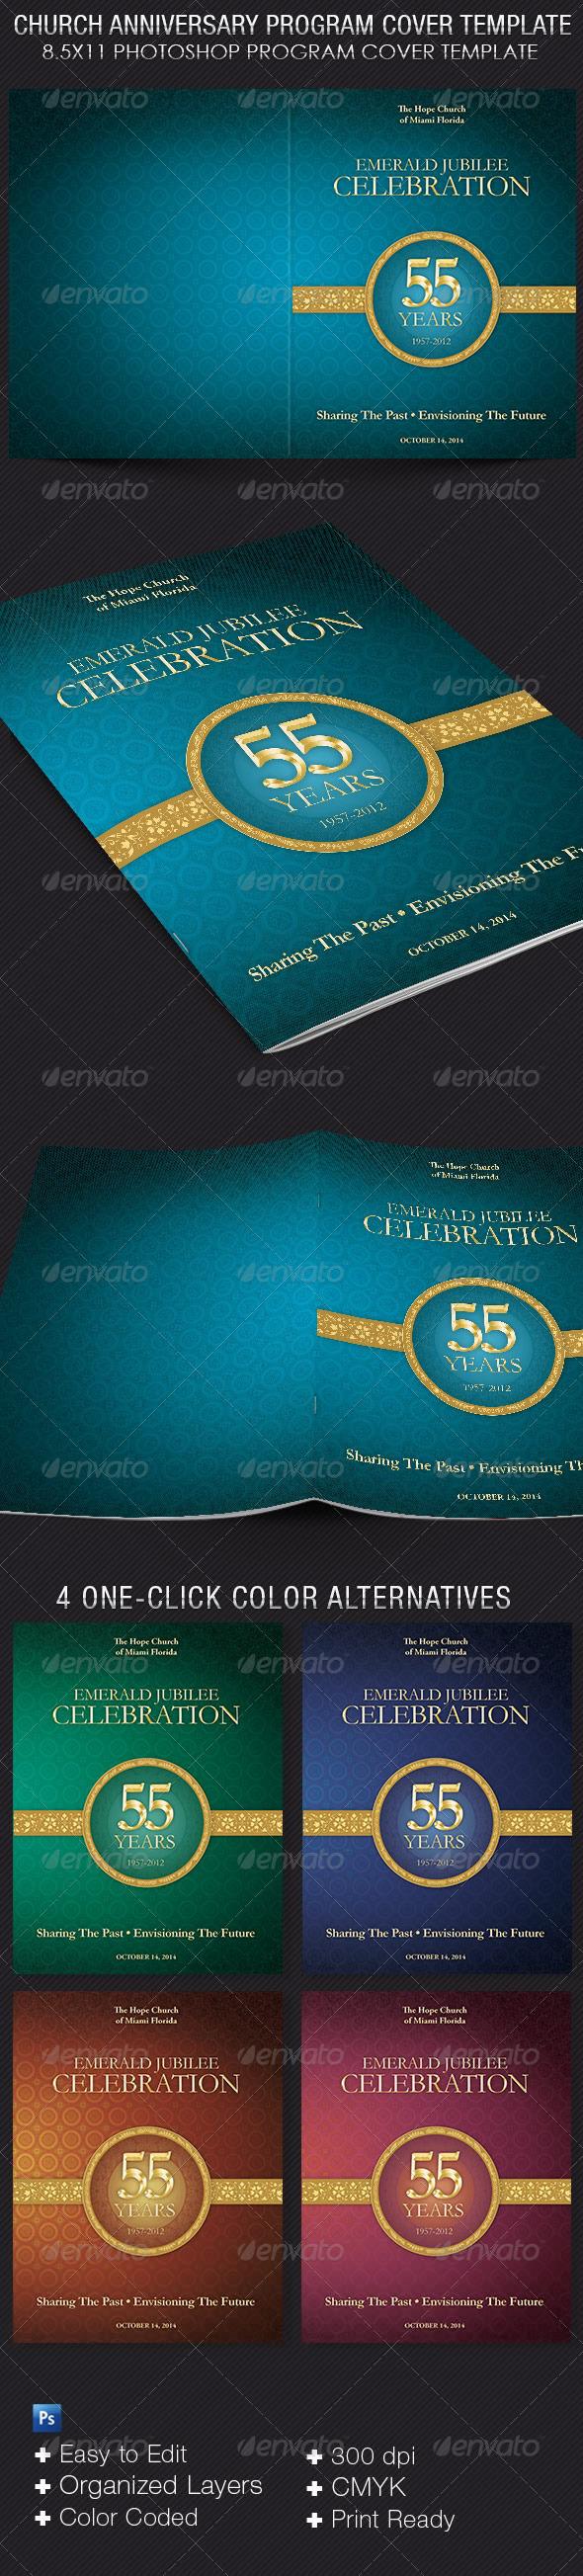 GraphicRiver Church Anniversary Program Cover Template 7747392